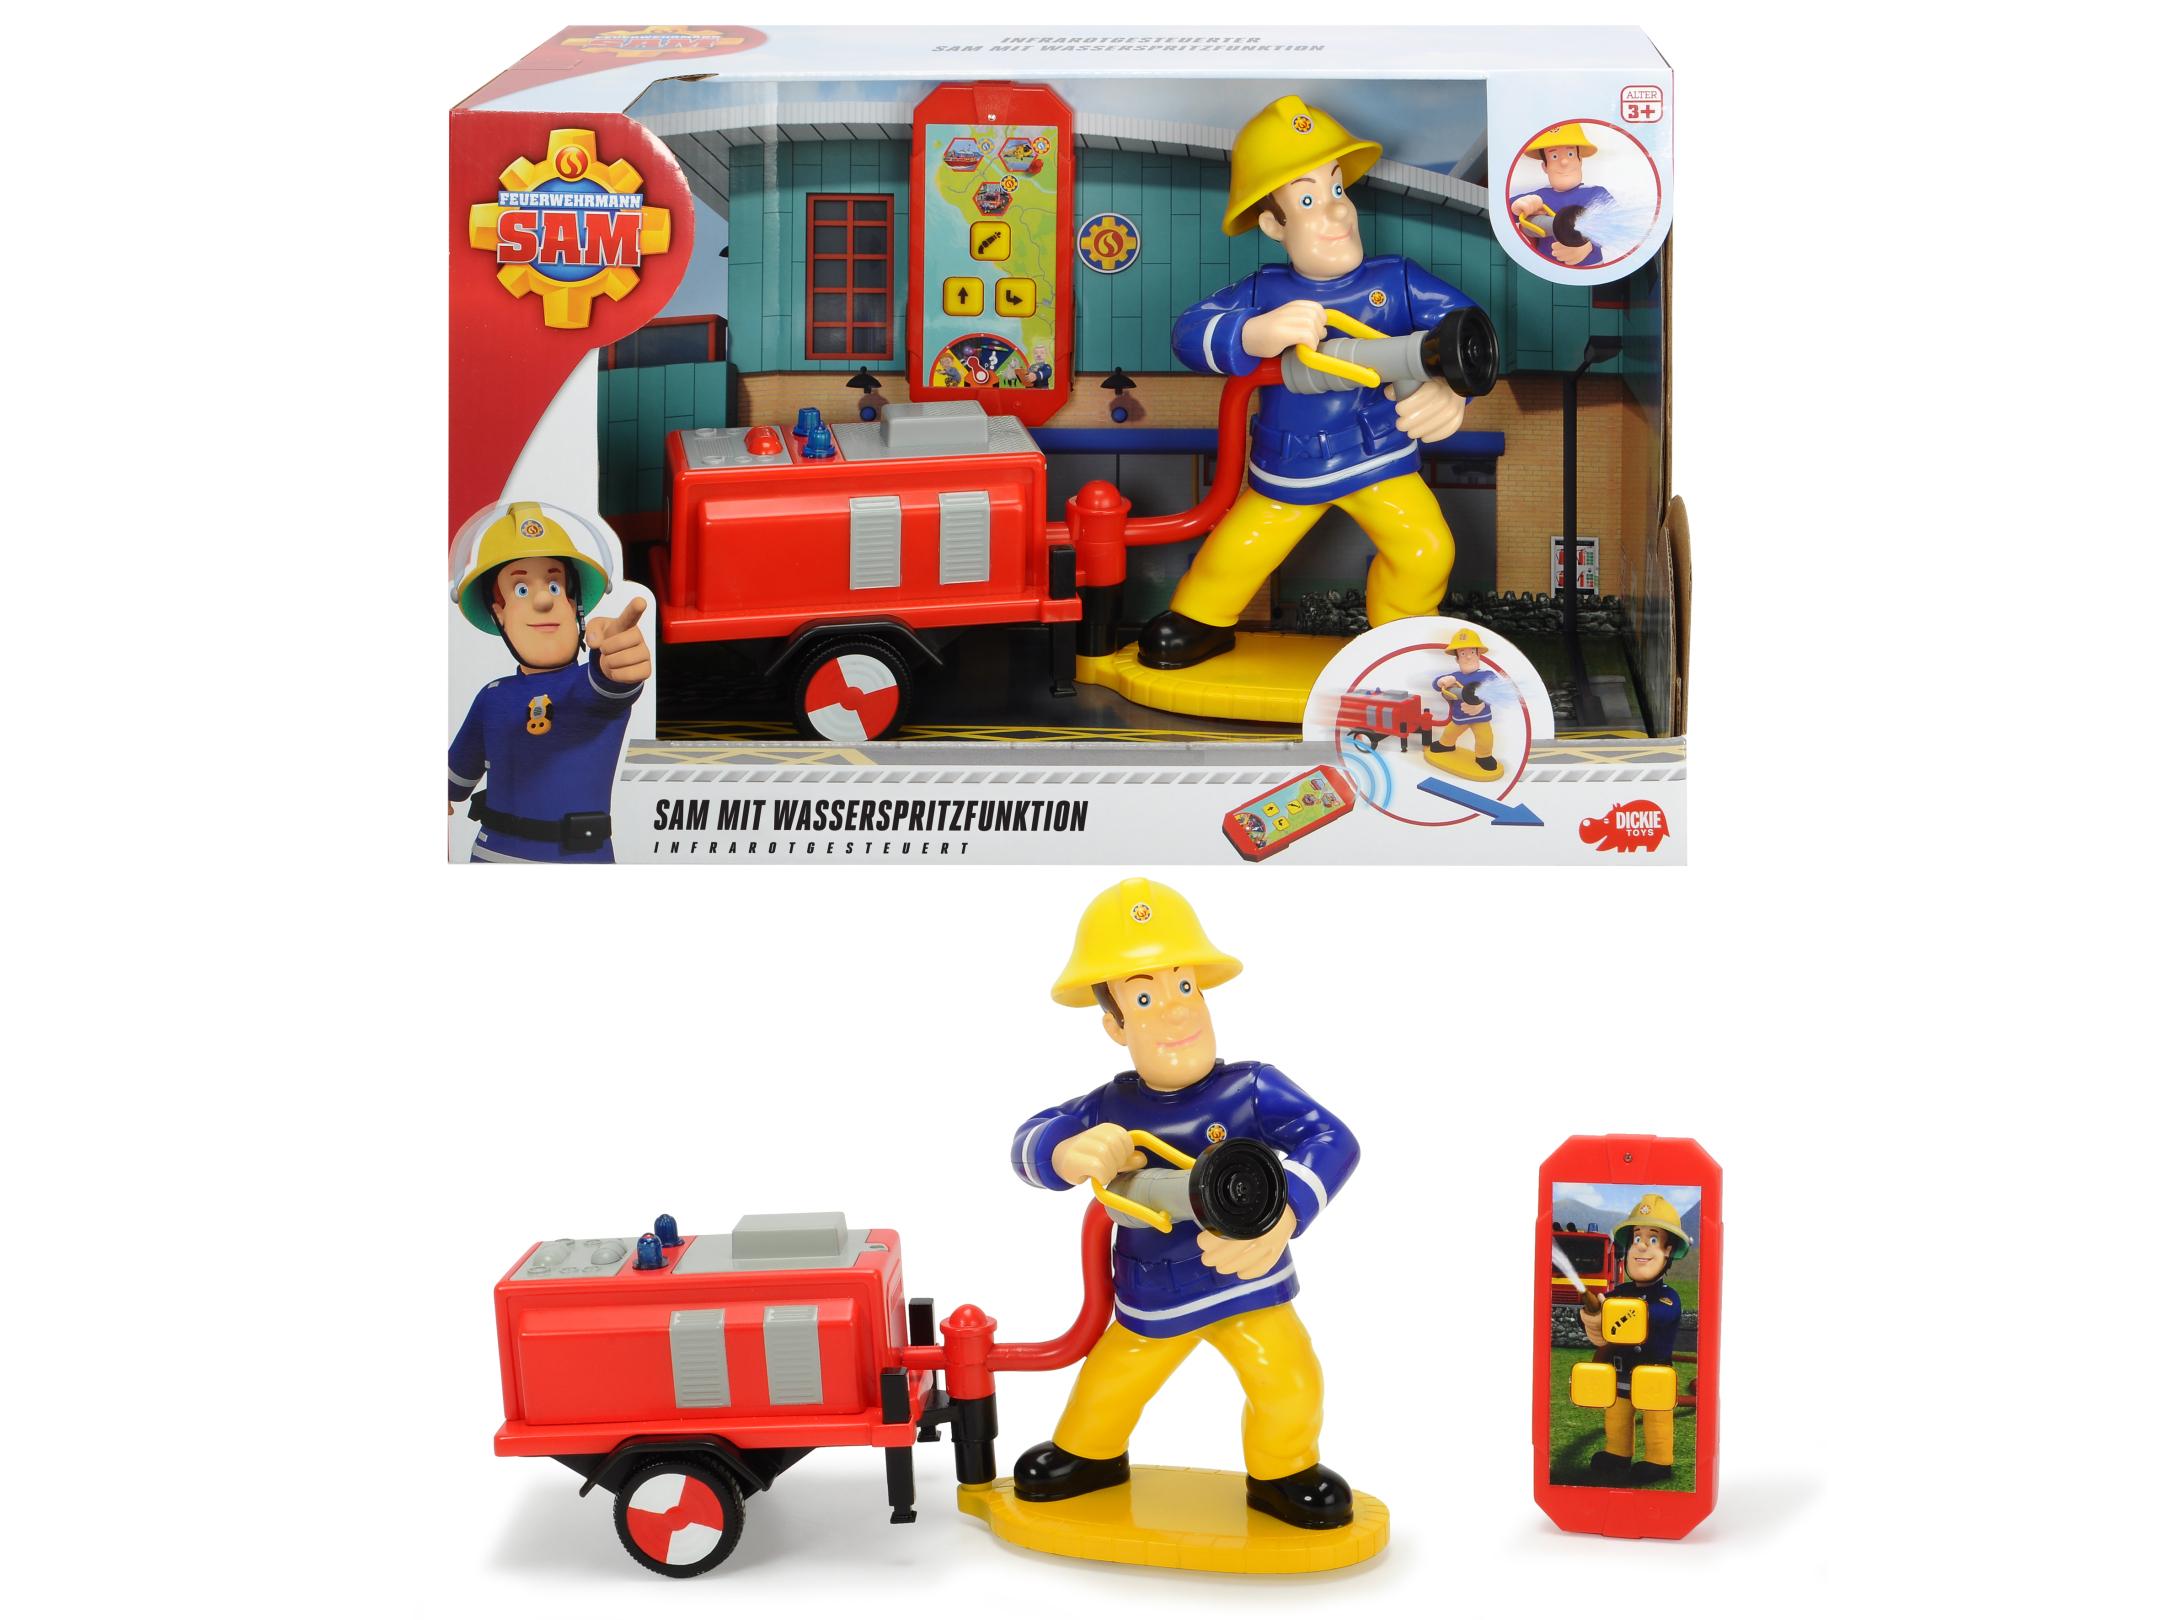 Fireman Sam mit Wasserspritzfunktion